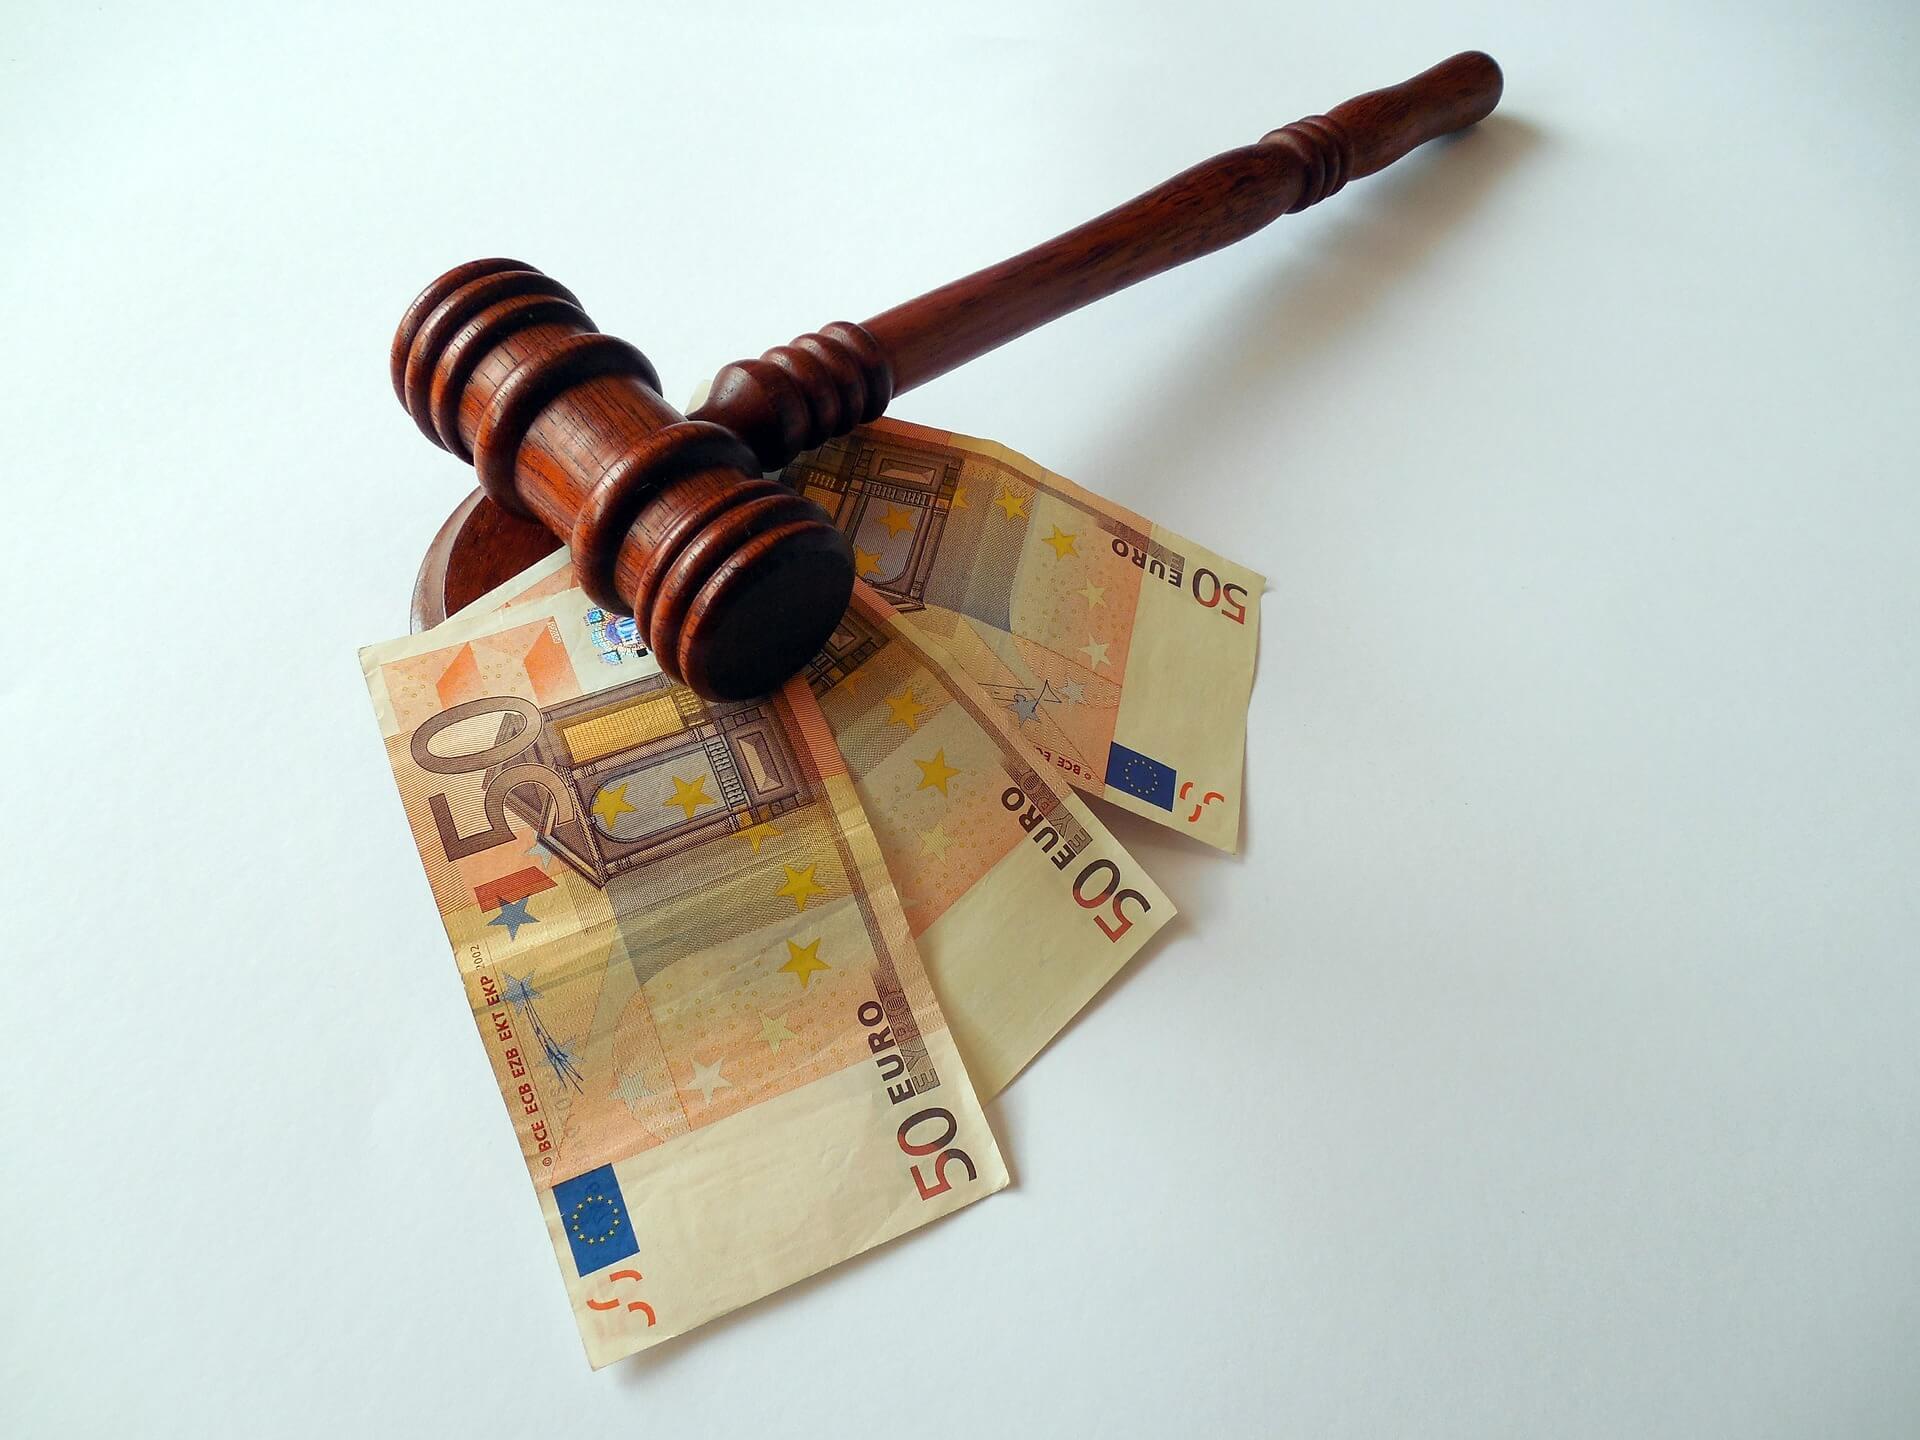 islaikymas-teismo-sprendimas-pinigai.jpg